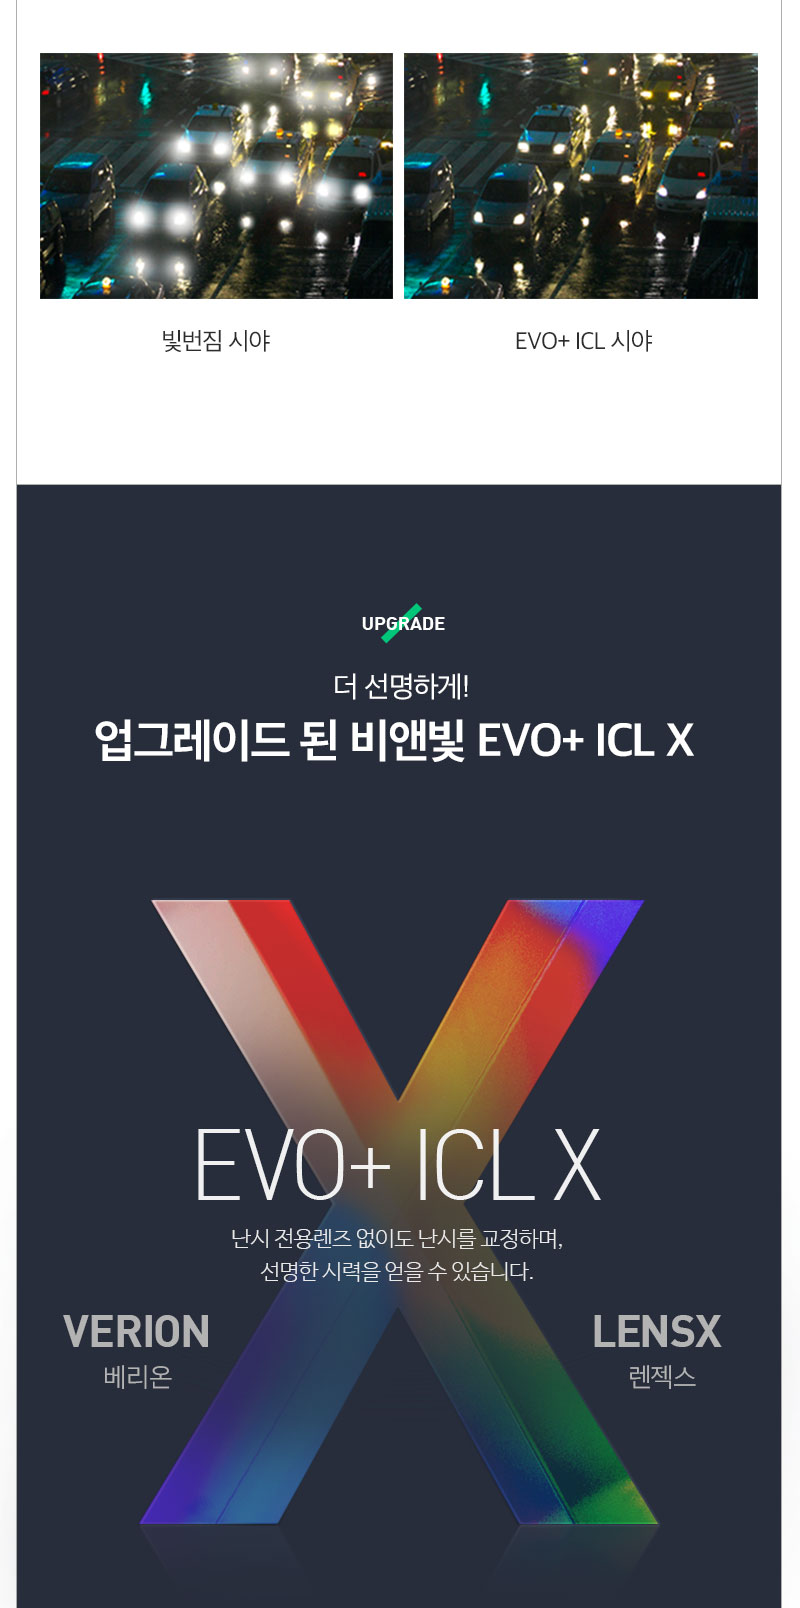 각막 손상없는 시력교정! EVO+ICL 렌즈삽입술